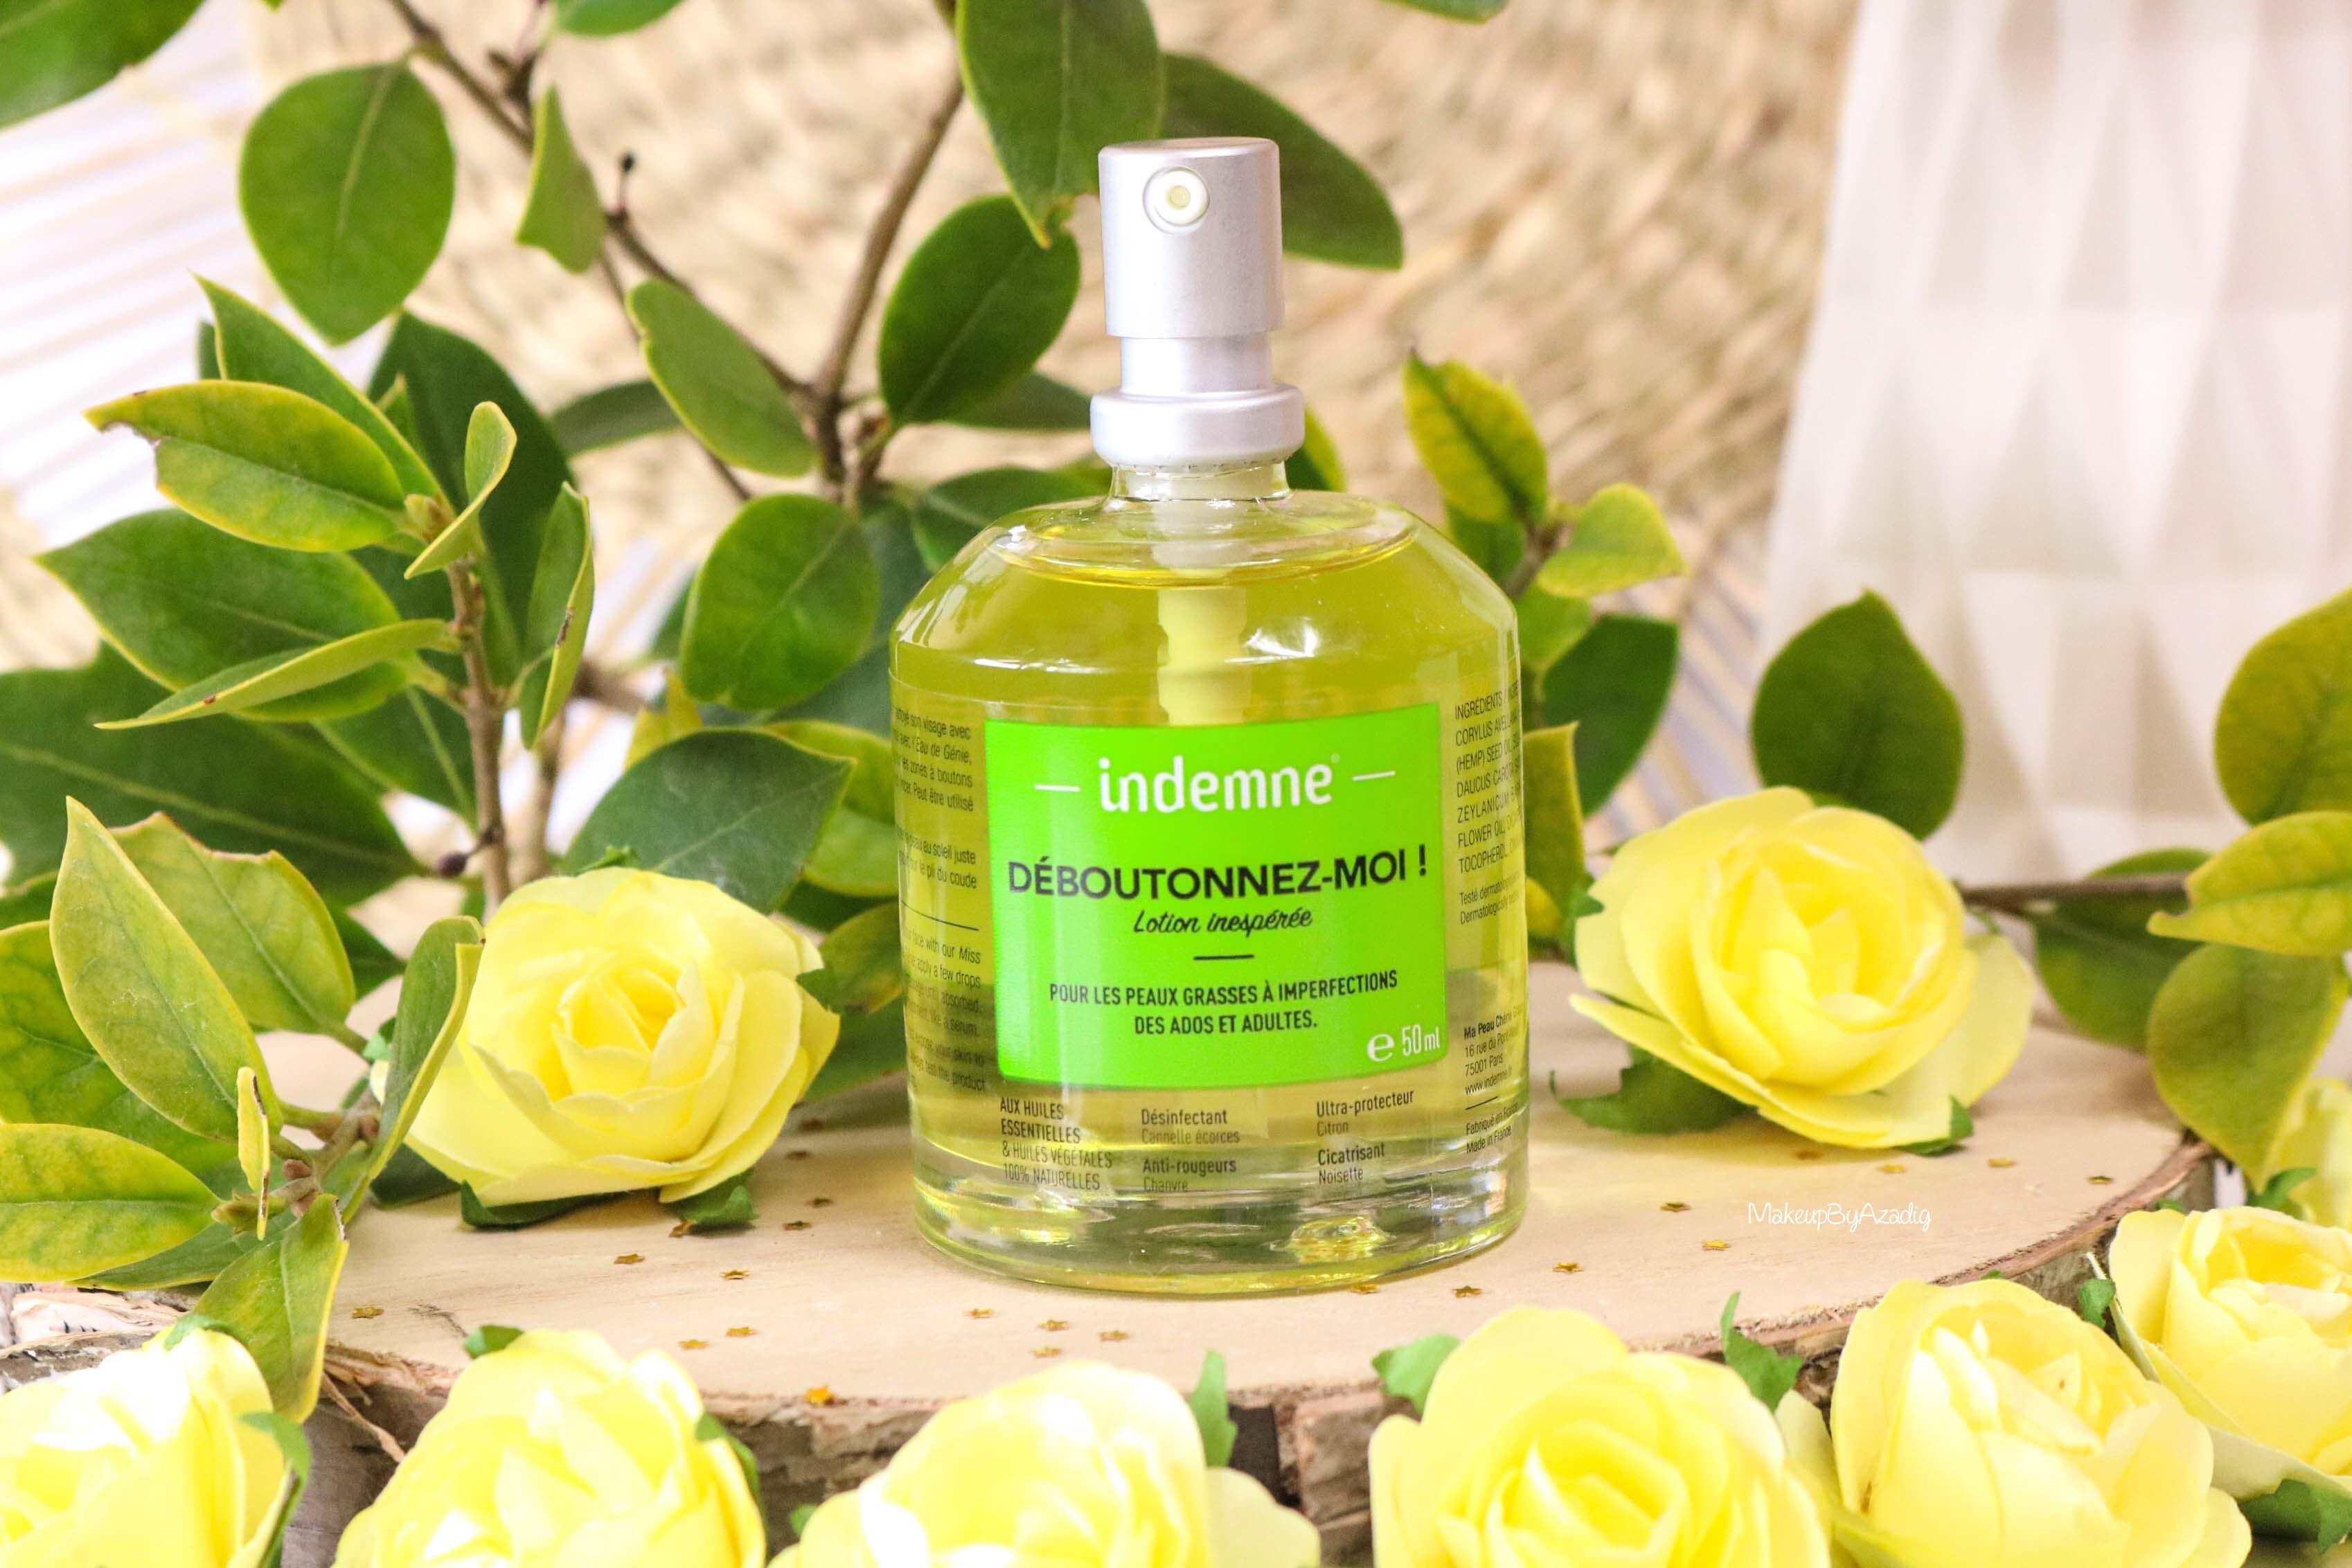 revue-deboutonnez-moi-indemne-produit-acnee-bio-huiles-parapharmacie-prix-avis-makeupbyazadig-green